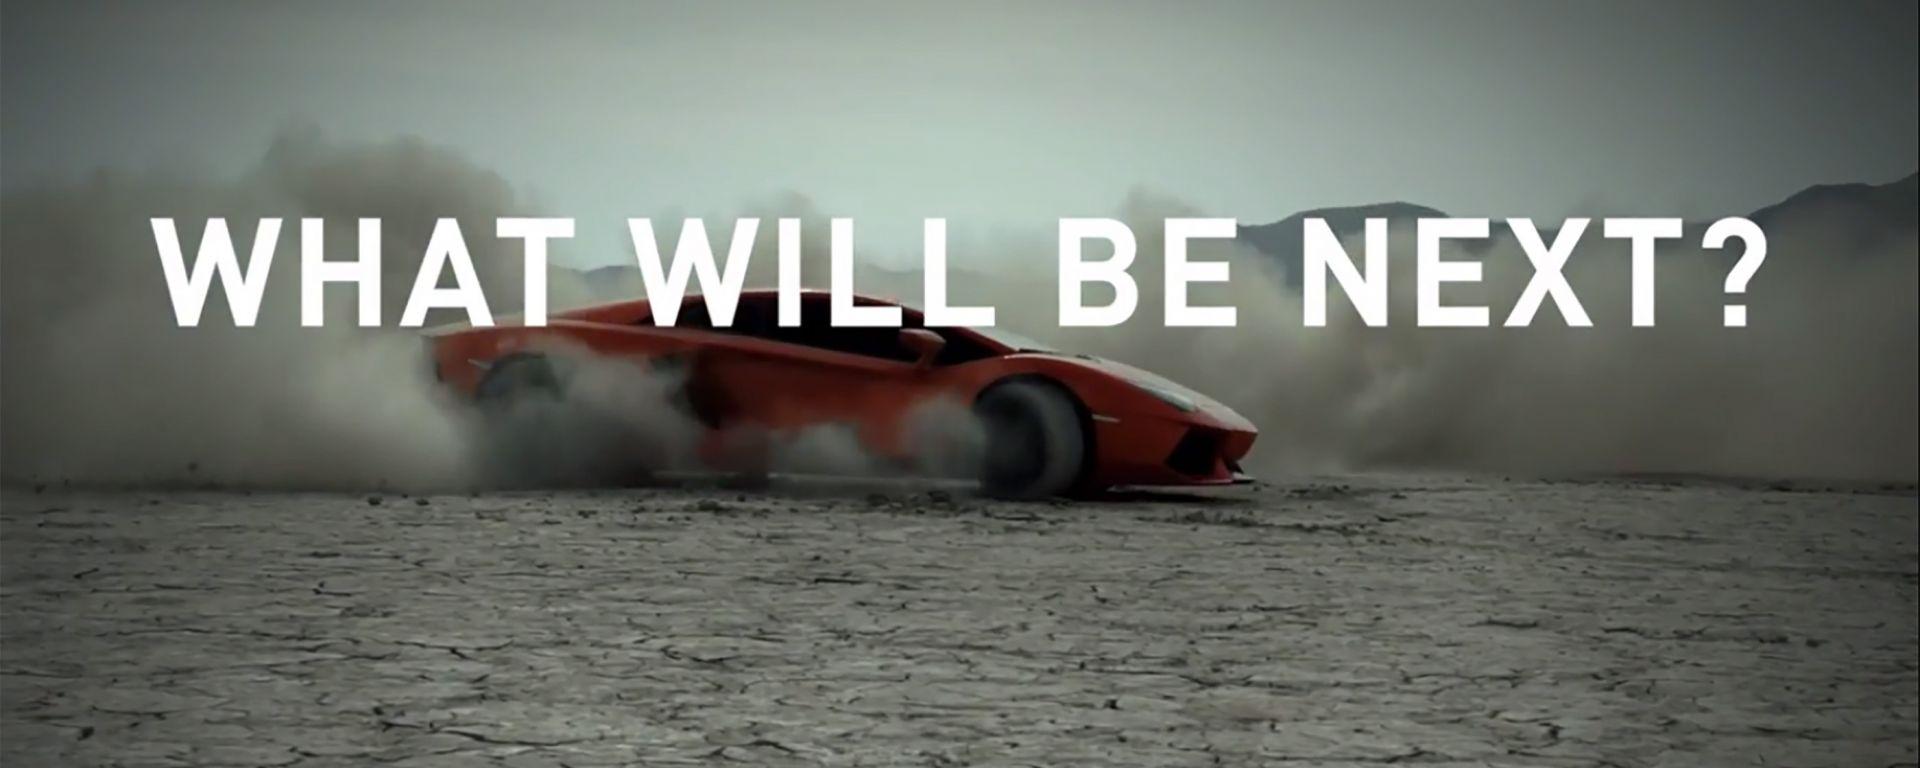 Lamborghini celebra il motore V12 e prepara una novità